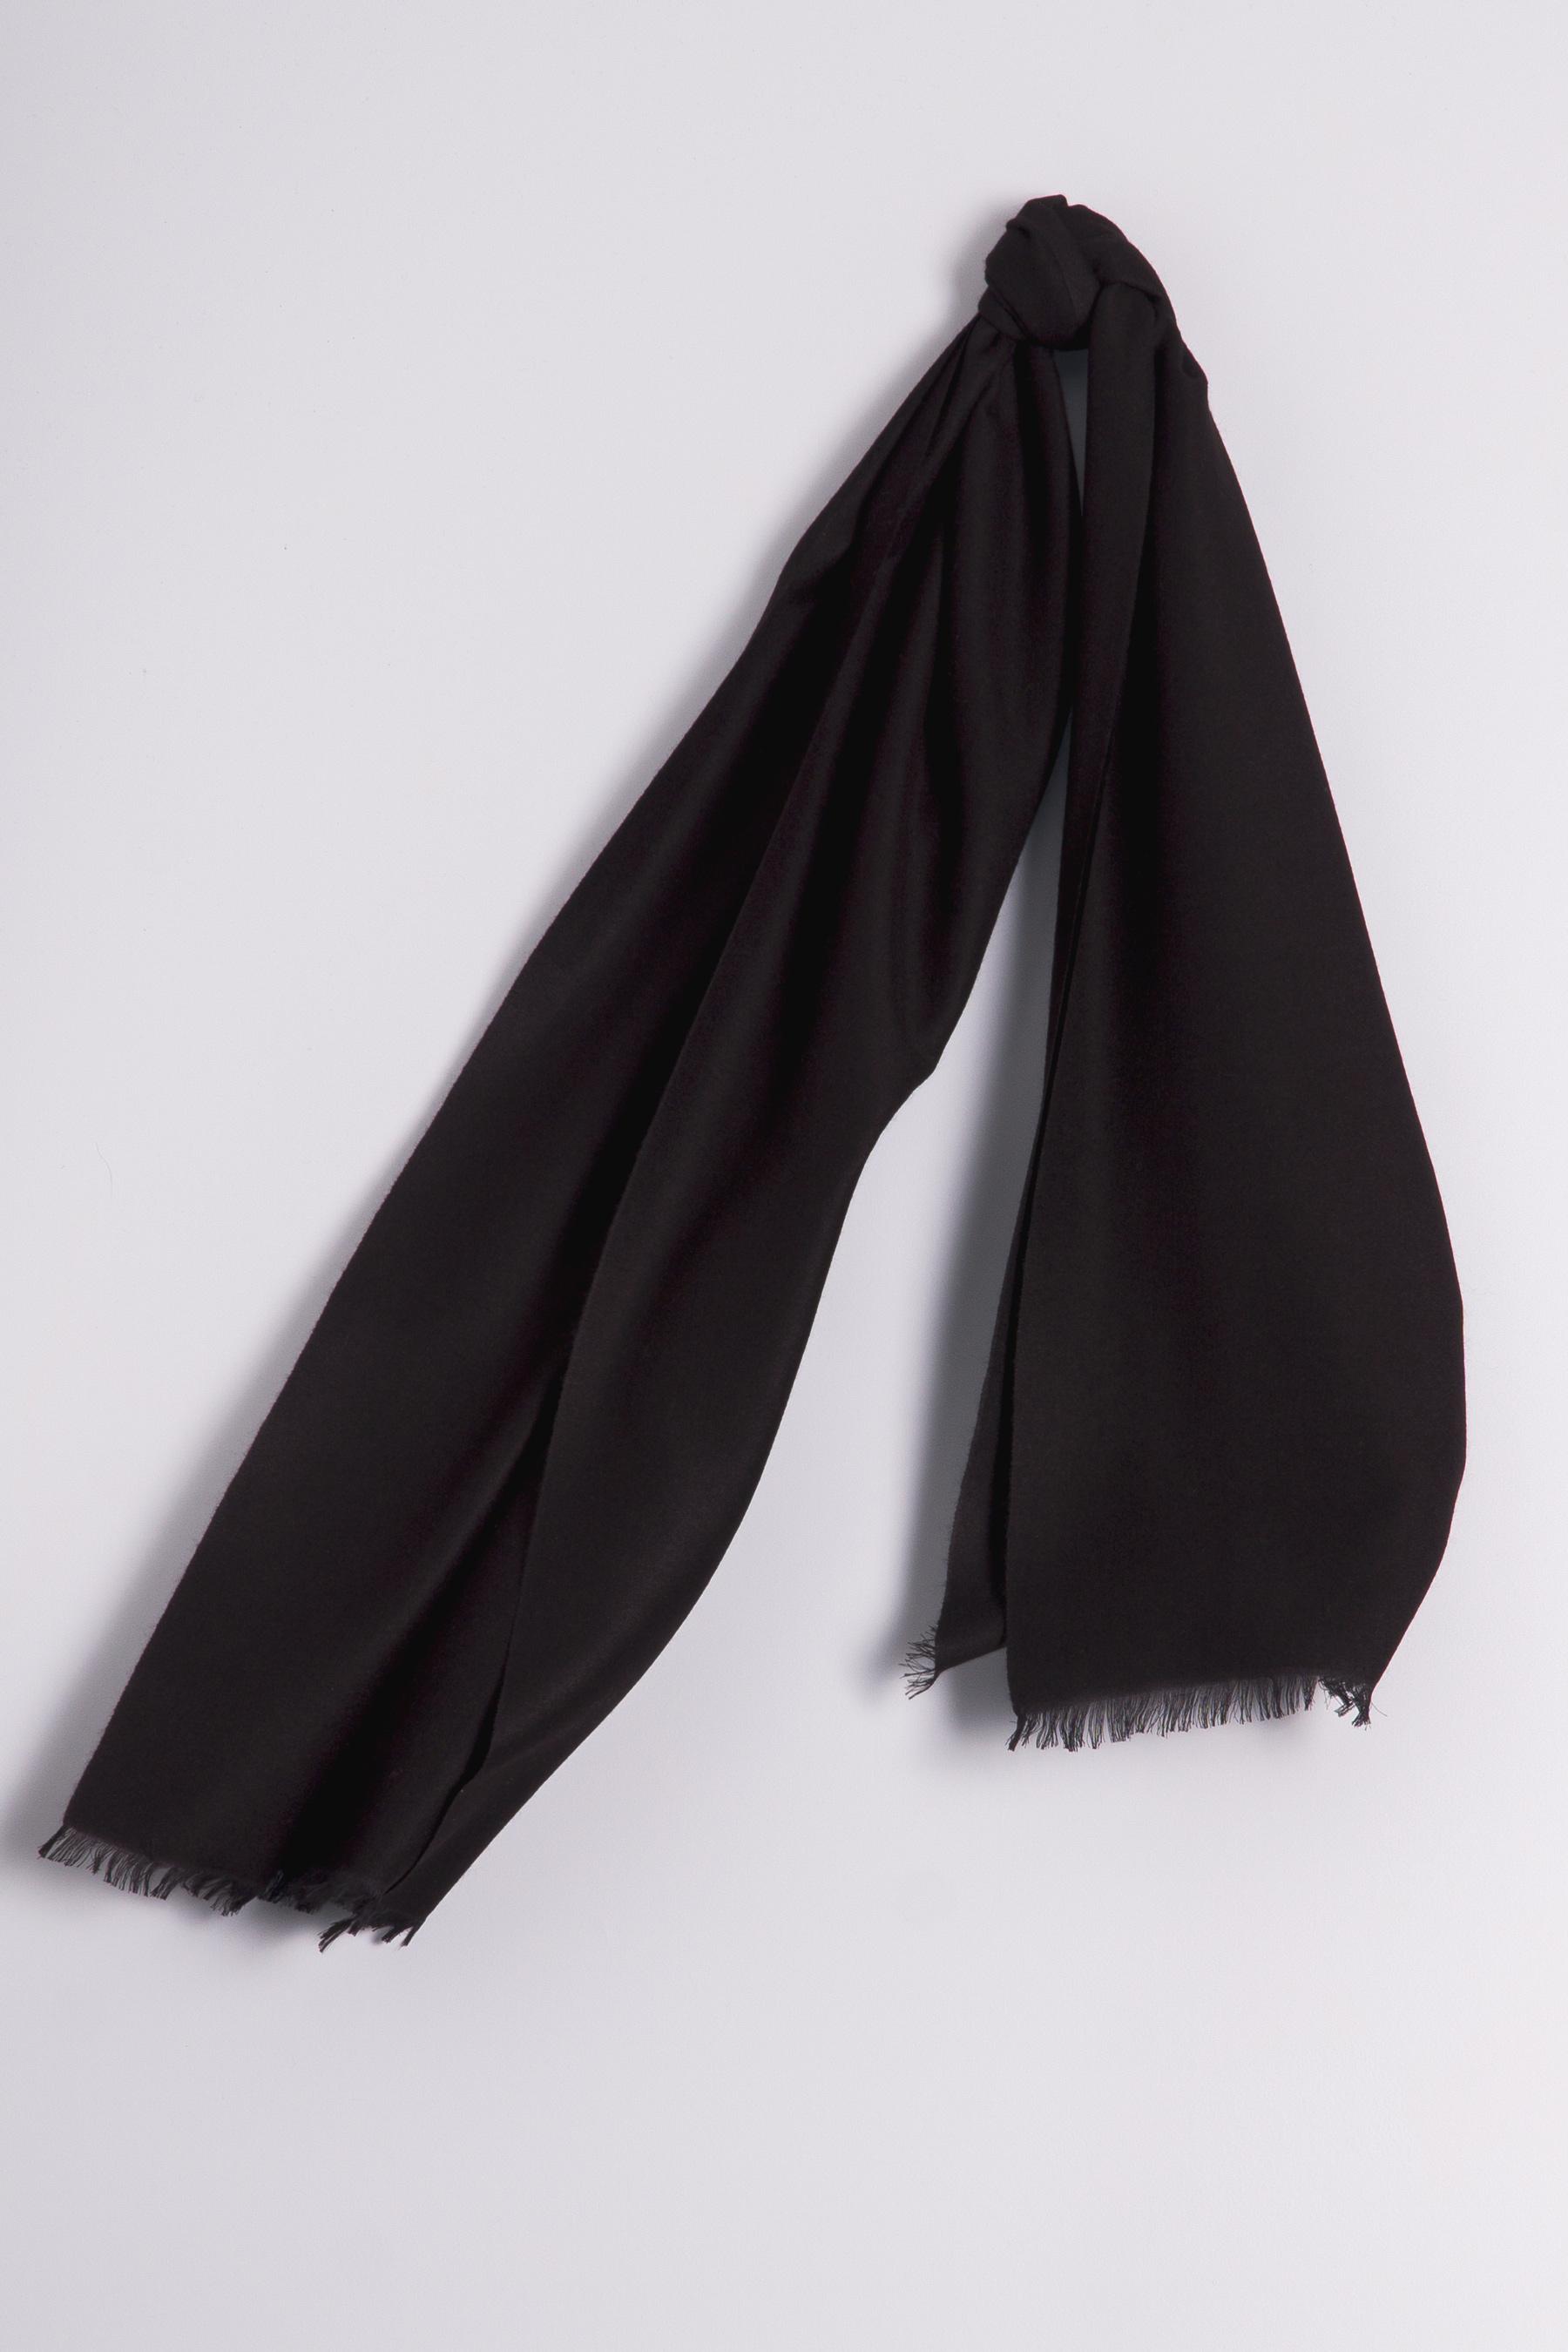 0a7d3e80edbfcf Pashmina 45x180cm black | Pashmina 70% Cashmere Midi | Pashmina | Pashmina .de